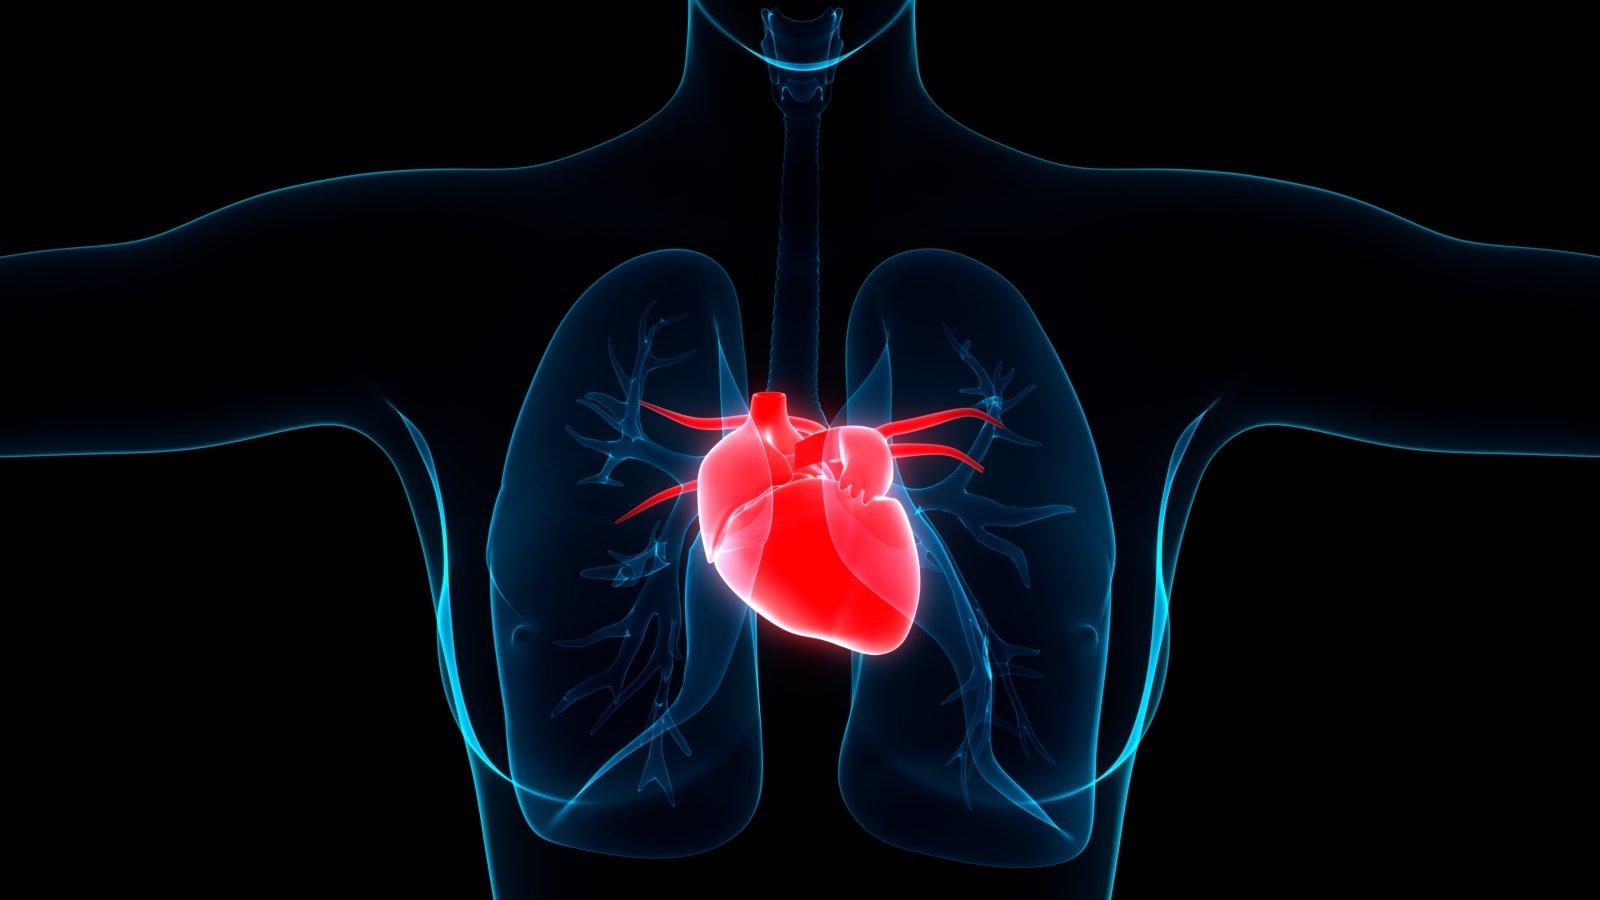 Ką daryti, kad širdies ligos nekirstų iš pasalų? | NORTHWAY Vilnius